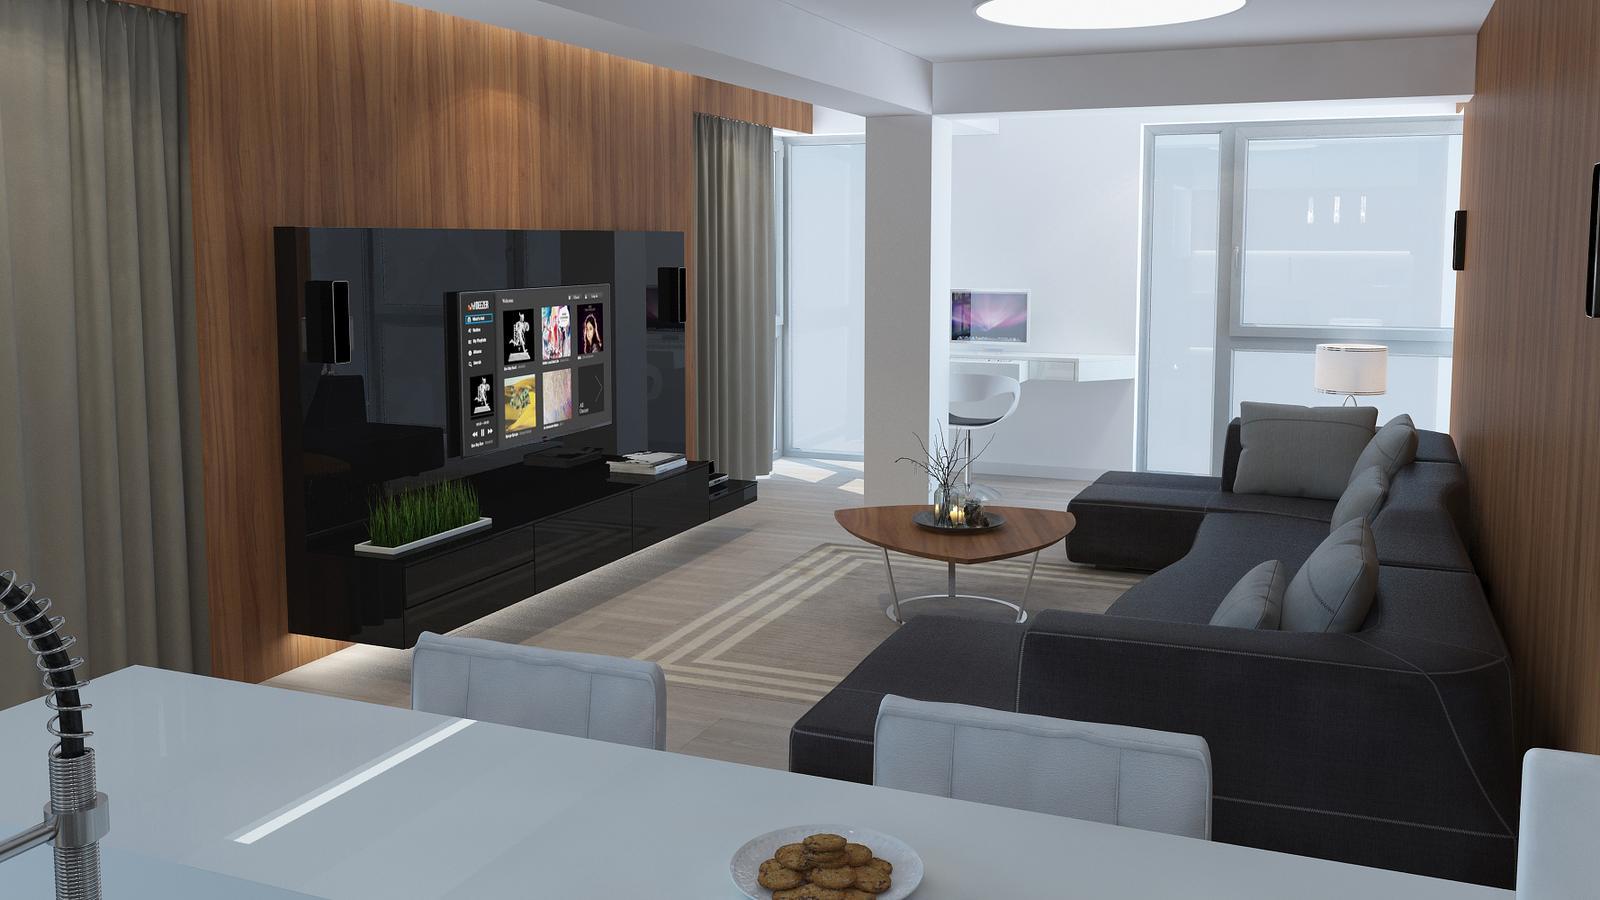 Návrh interiéru bytu - Kondominium Bojnice - Obrázok č. 4